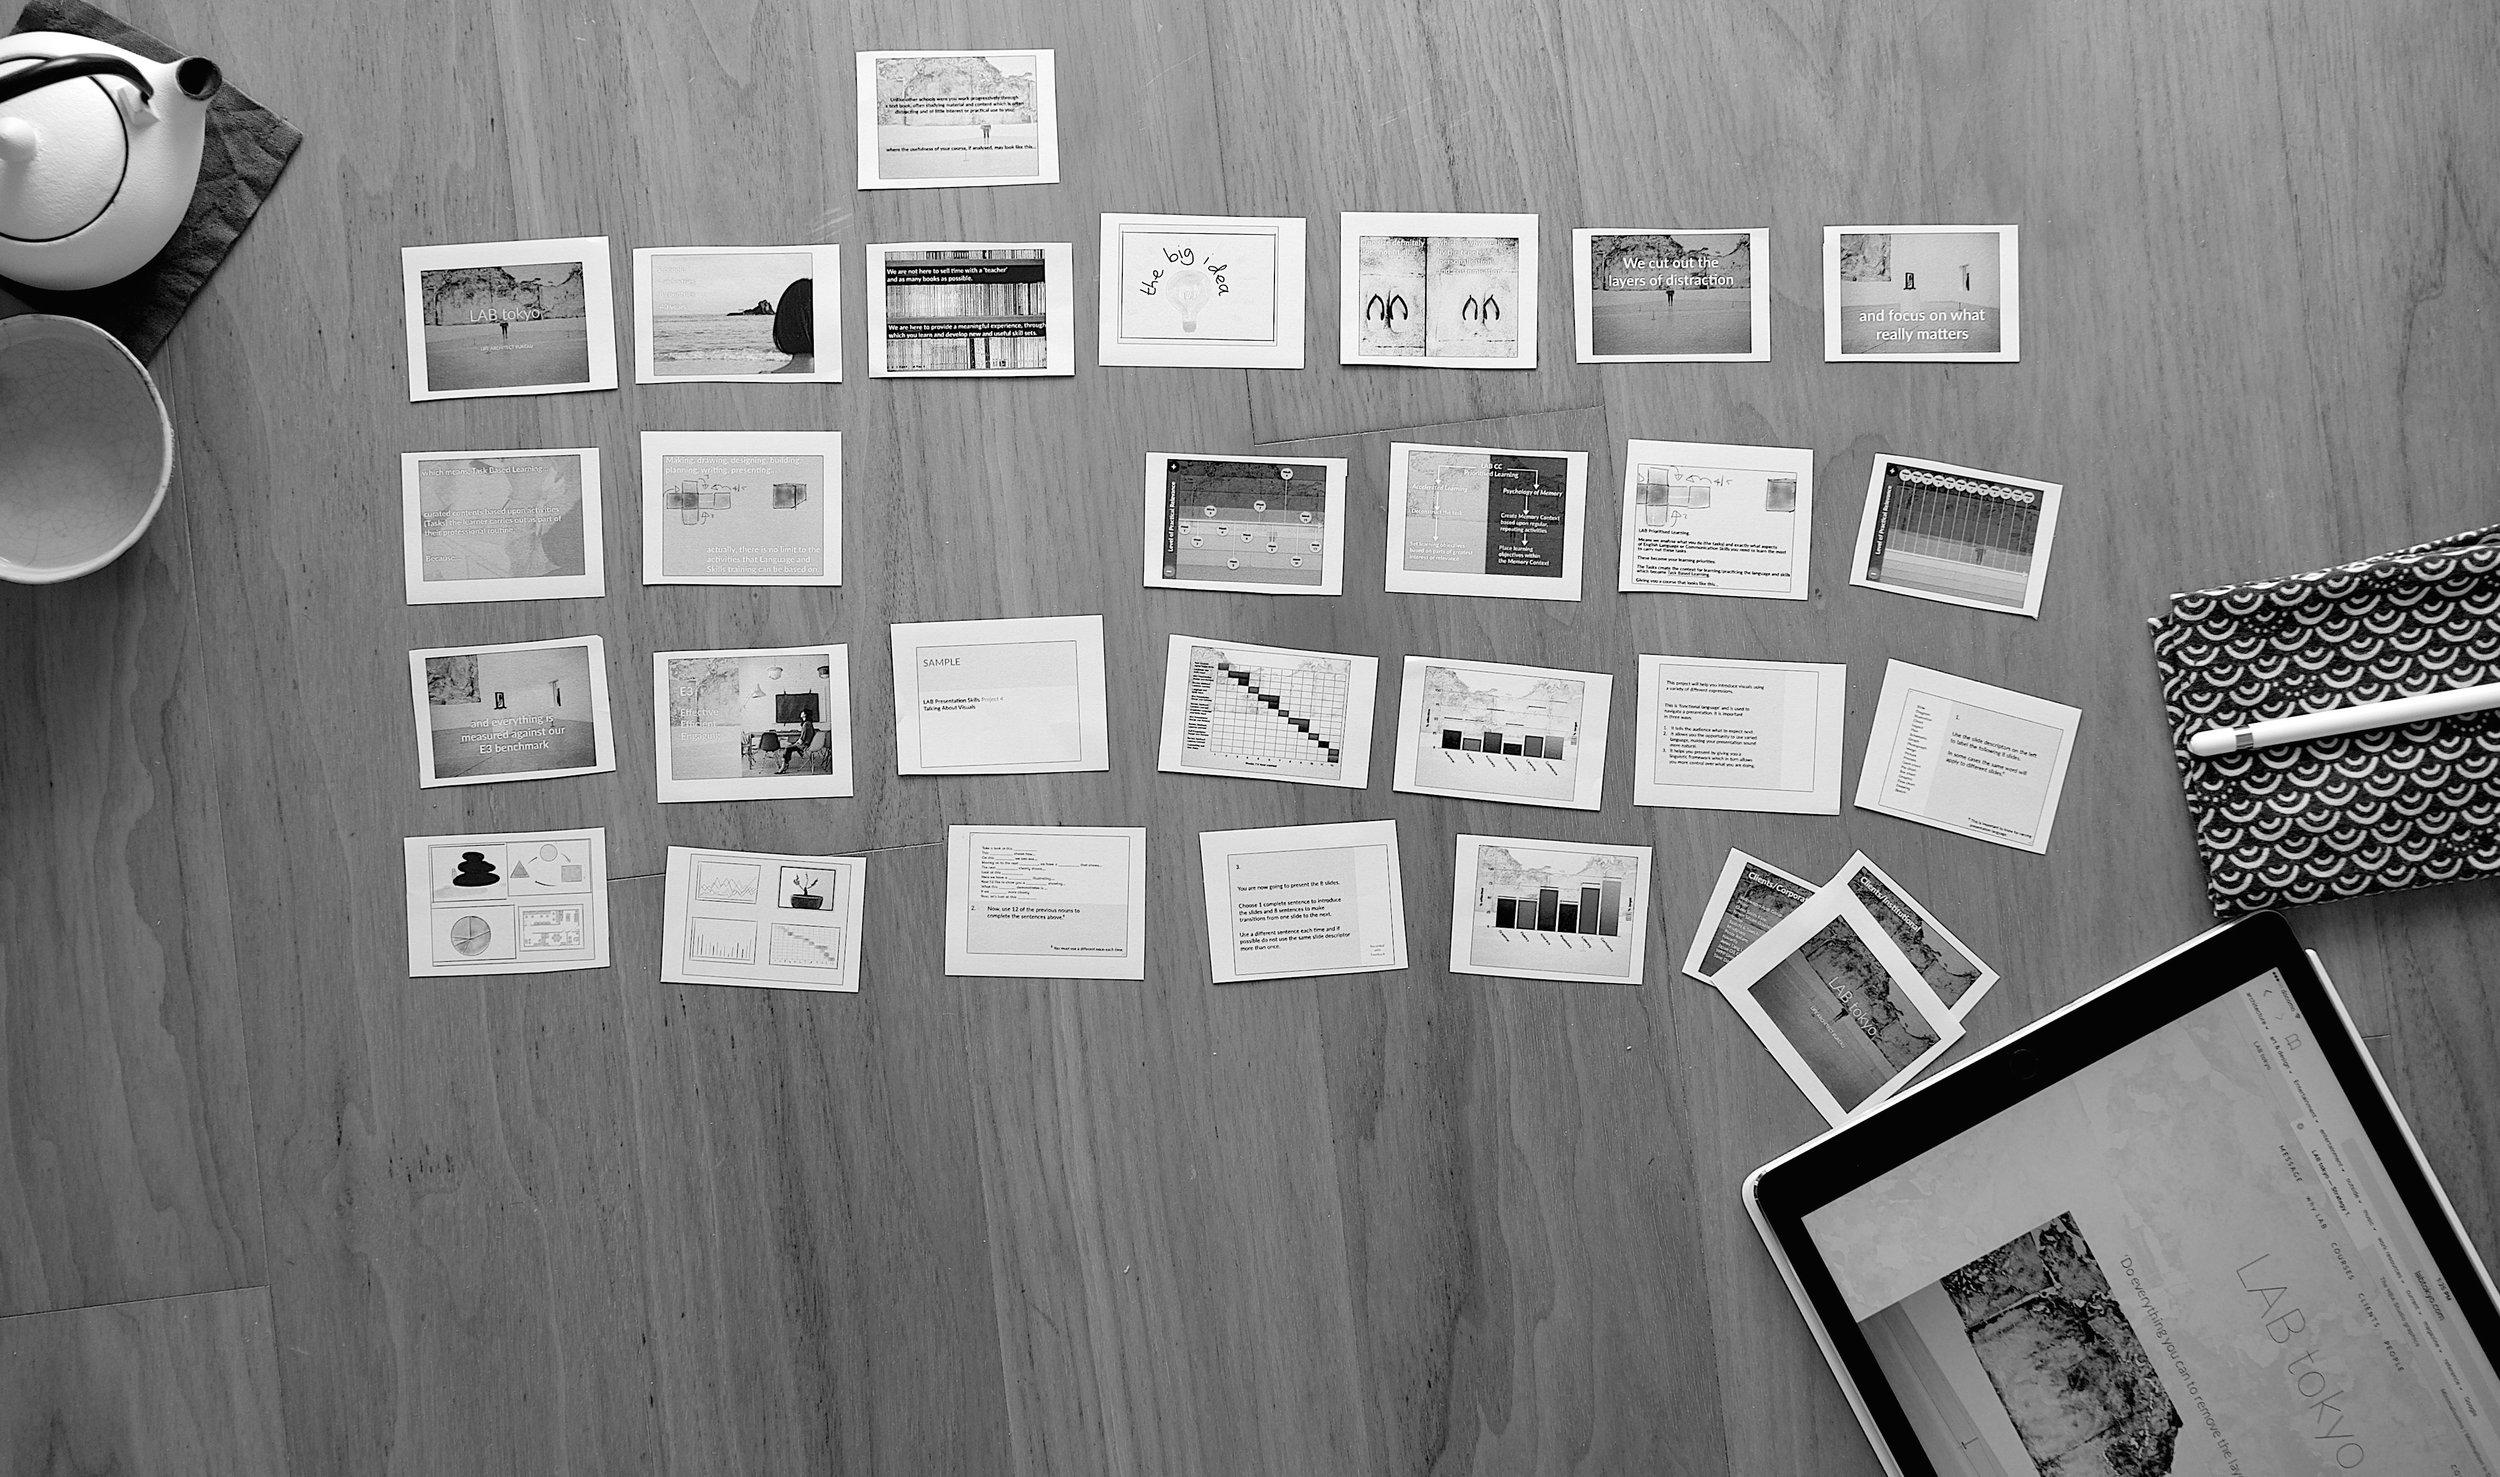 presentation_wocopy.jpg